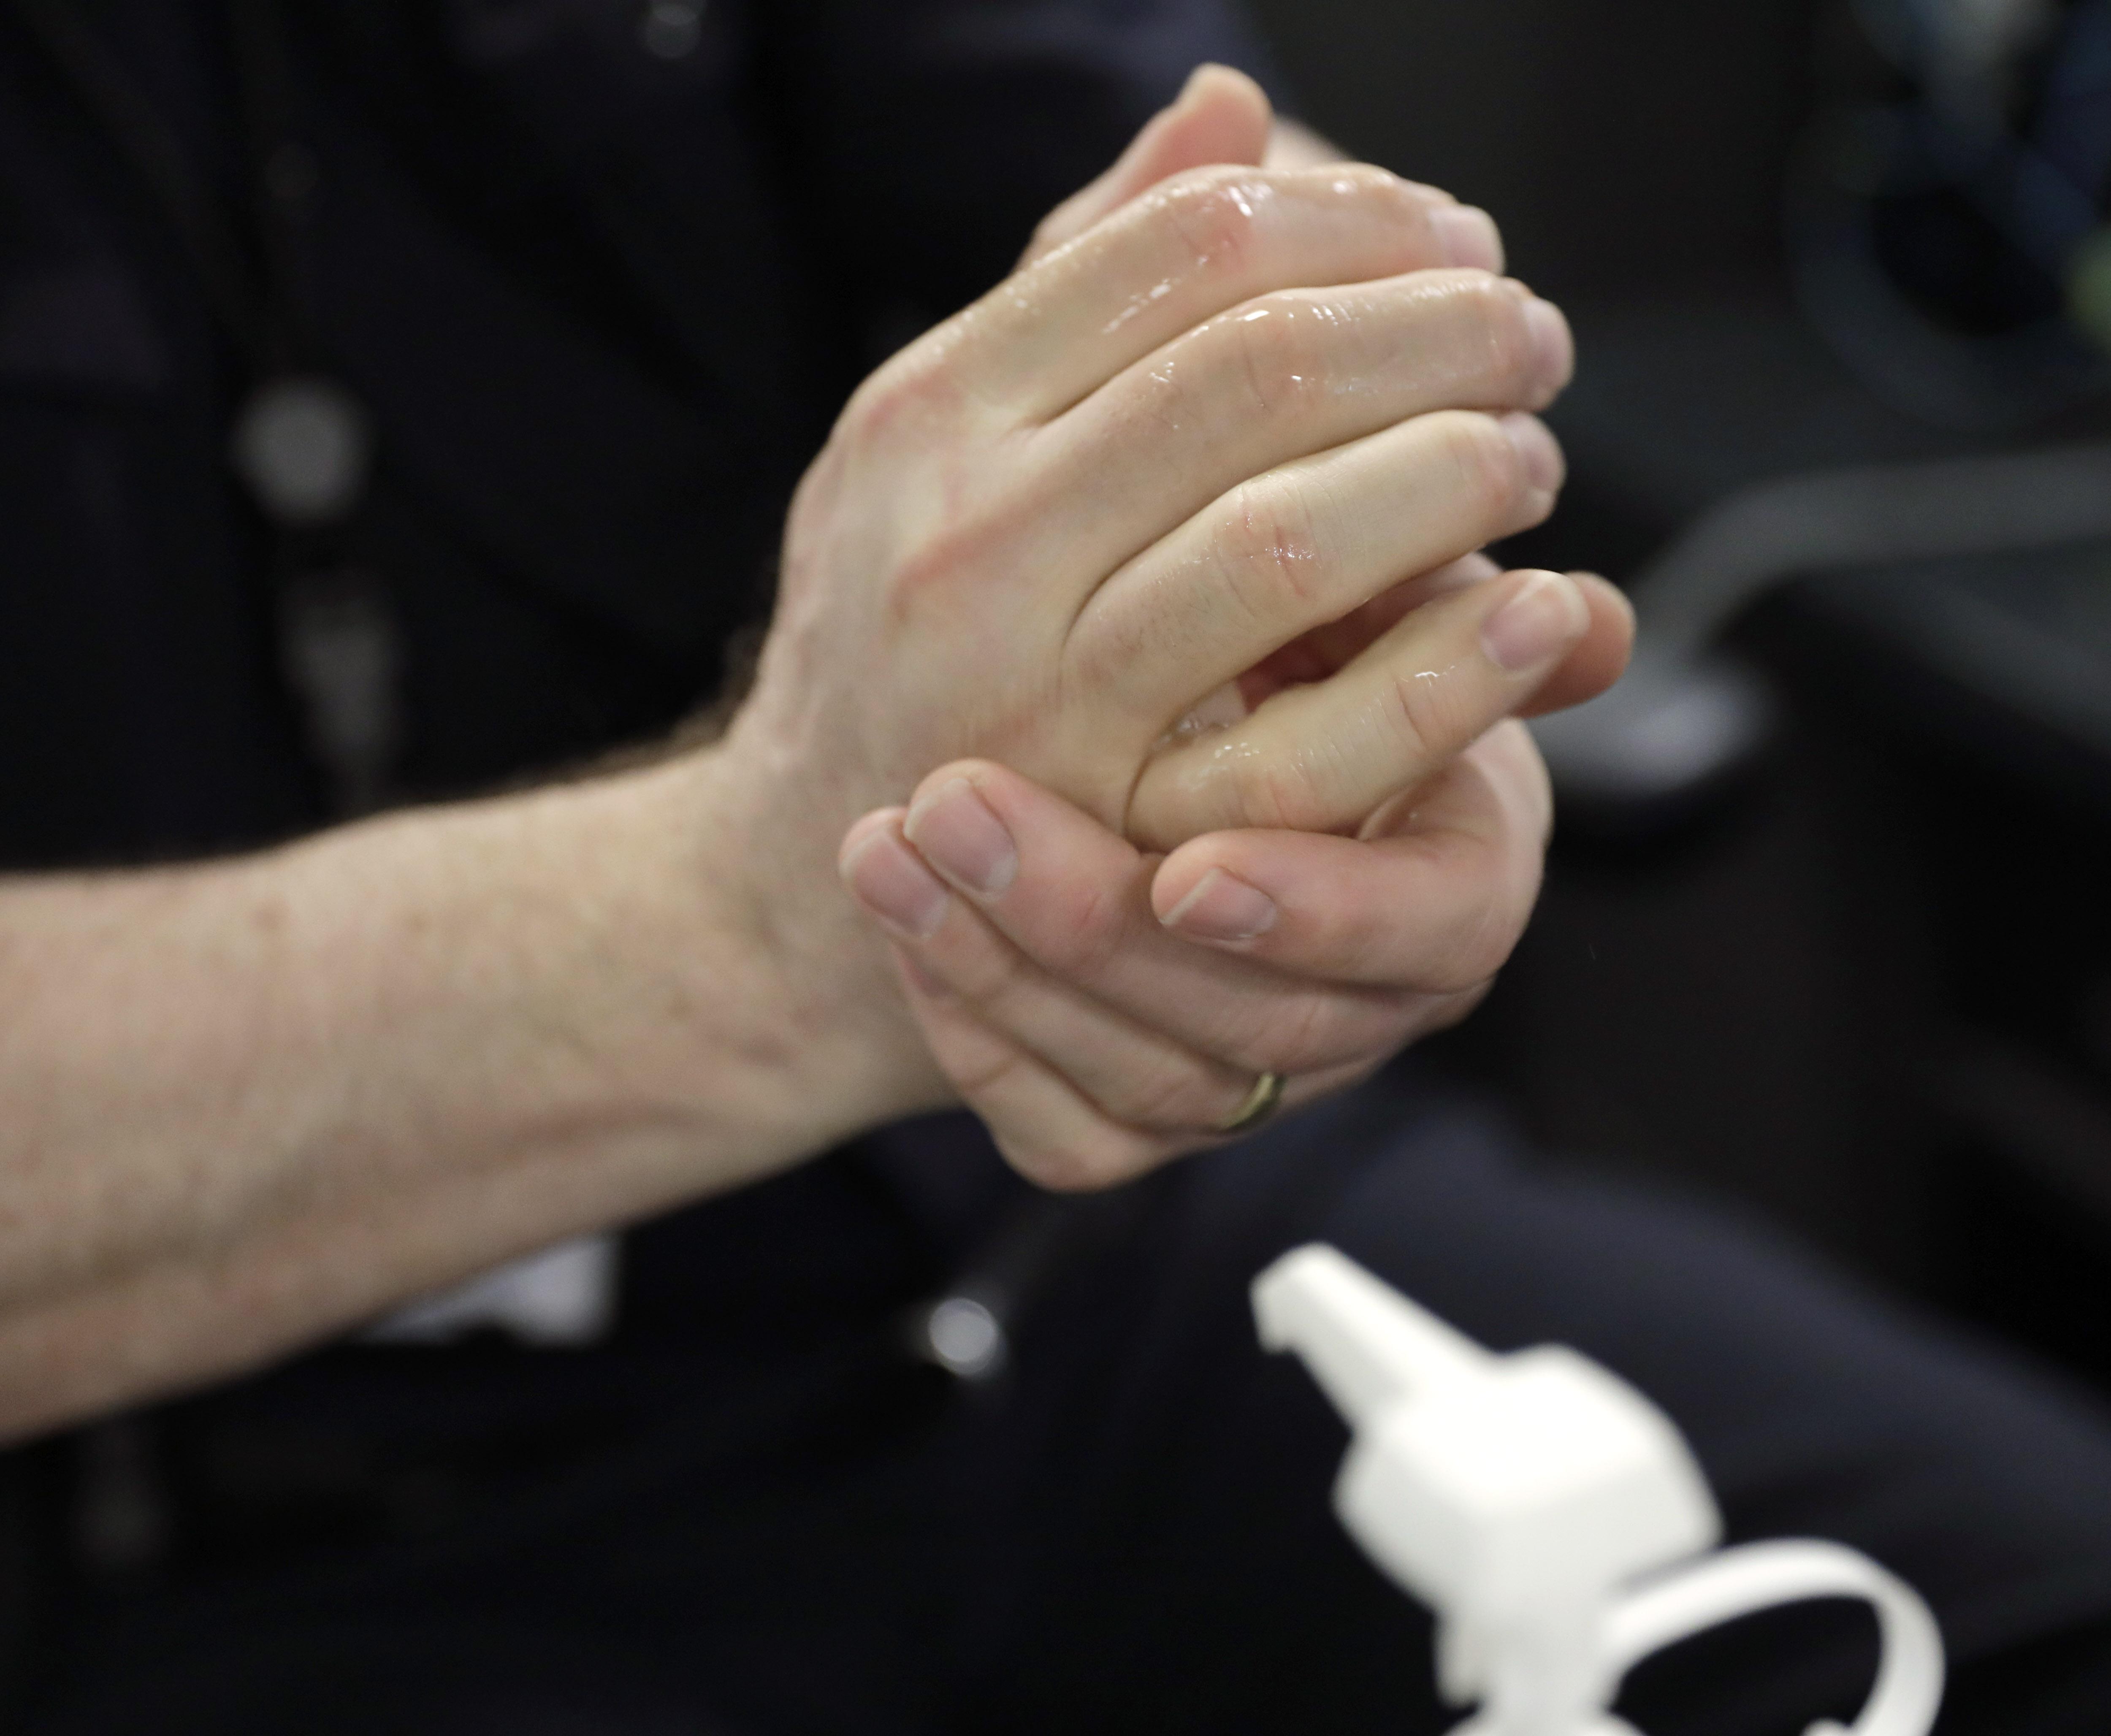 Мытье рук спасает от коронавируса фото